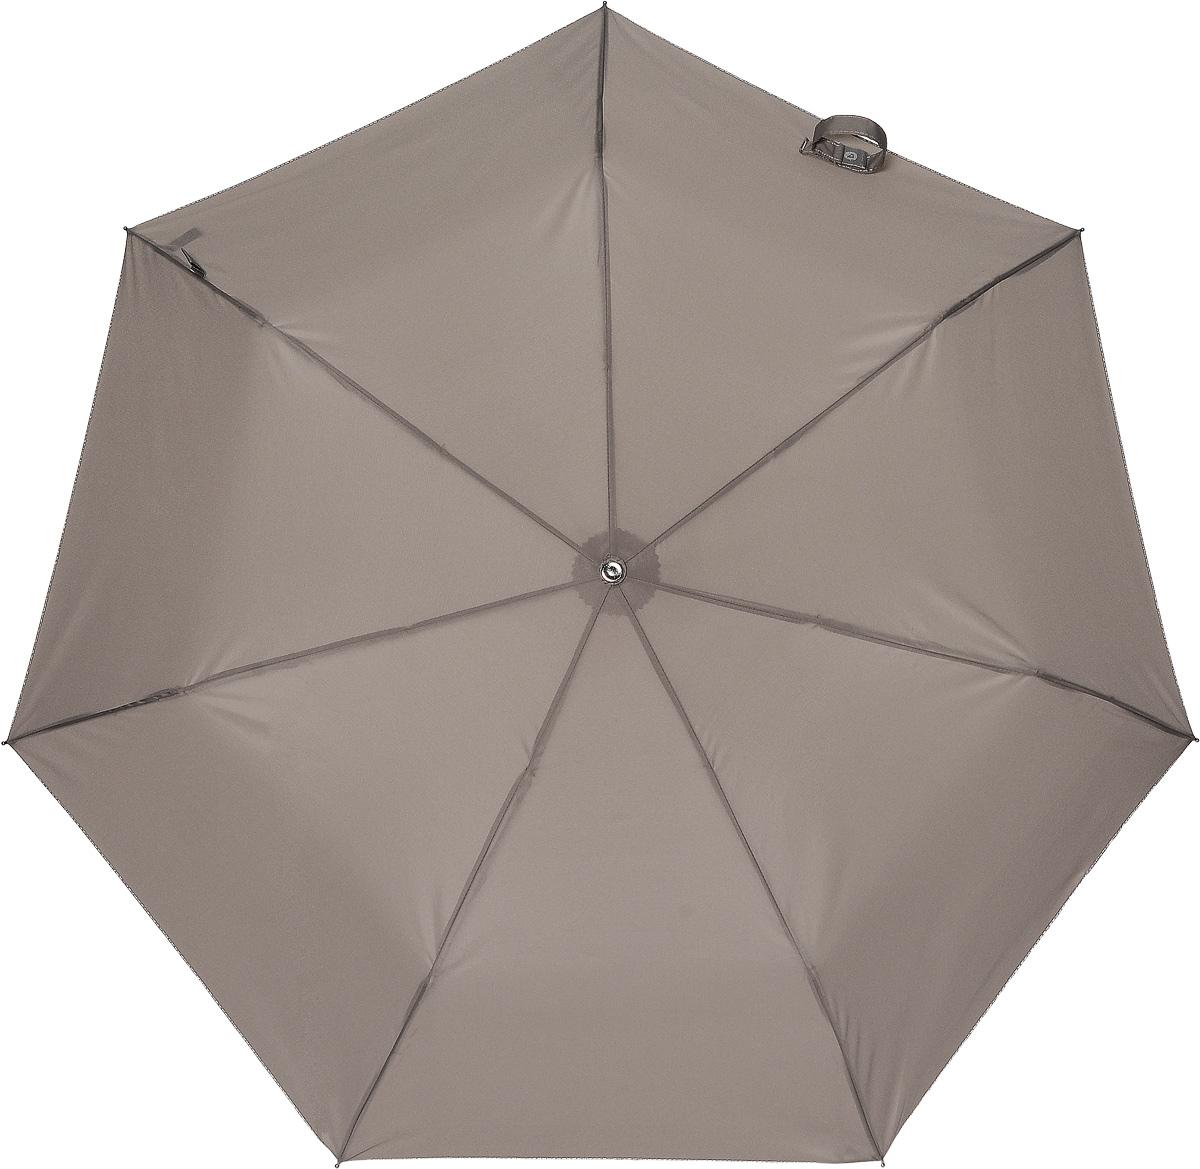 Bisetti 3580-6 Зонт полный автом. 3 сл. жен.3580-6Зонт испанского производителя Clima. В производстве зонтов используются современные материалы, что делает зонты легкими, но в то же время крепкими.Полный автомат, 3 сложения, 8 спиц по 54см, полиэстер.